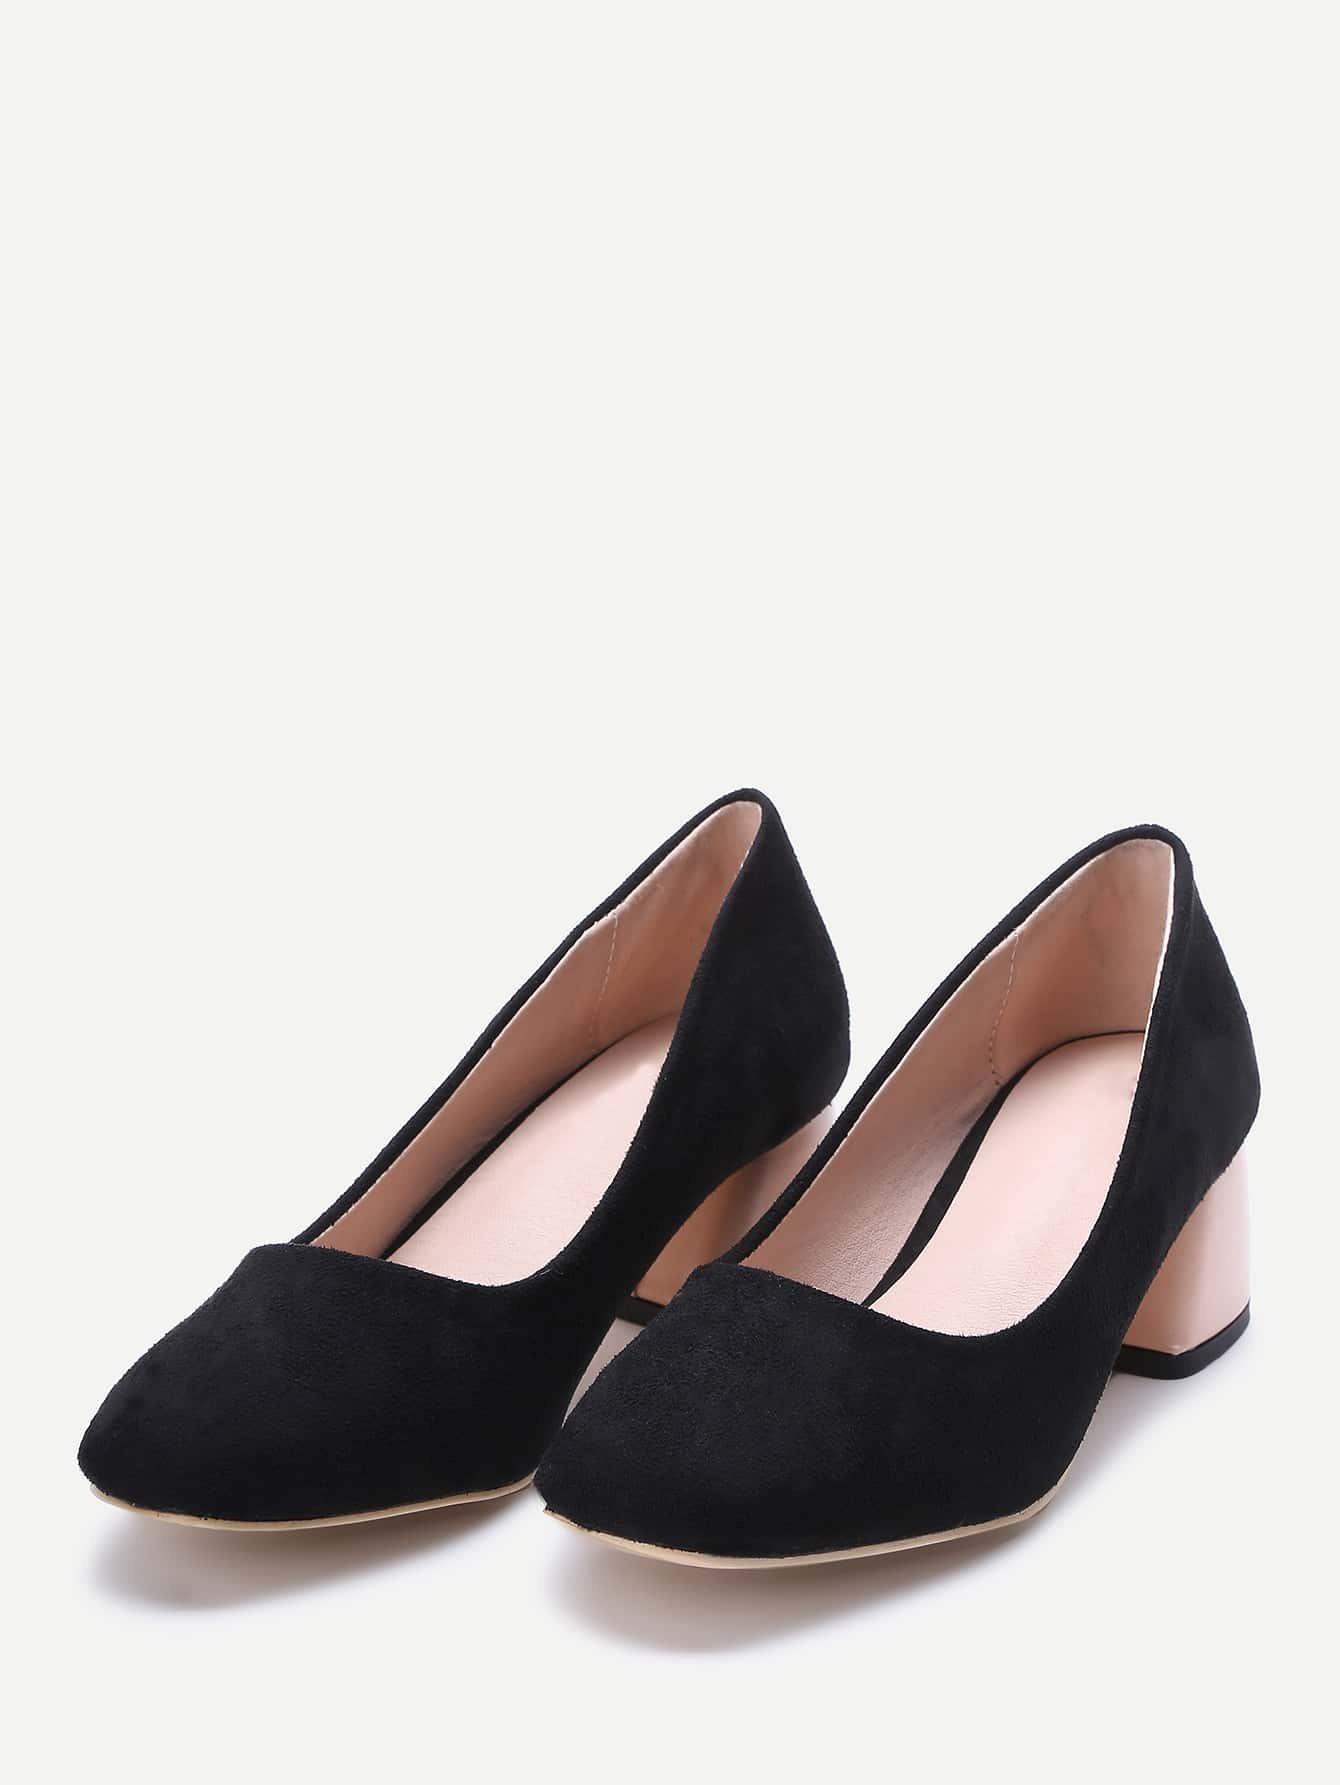 shoes170330806_2